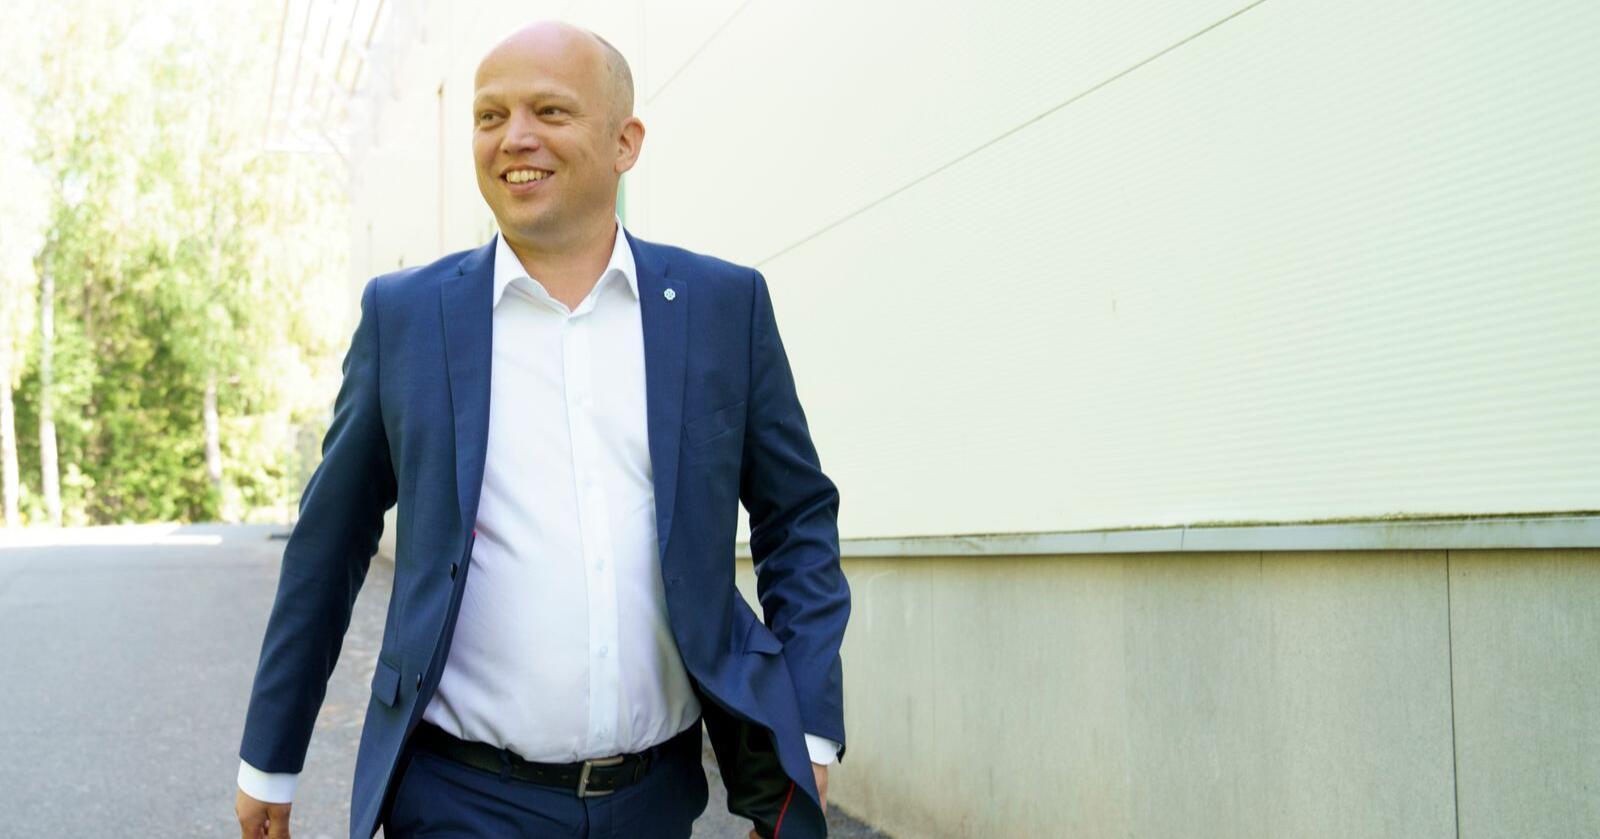 Senterpartiets leder Trygve Slagsvold Vedum mener regjeringens såkalte nærpolitireform har ført til sentralisering av politiet. Foto: Torstein Bøe / NTB